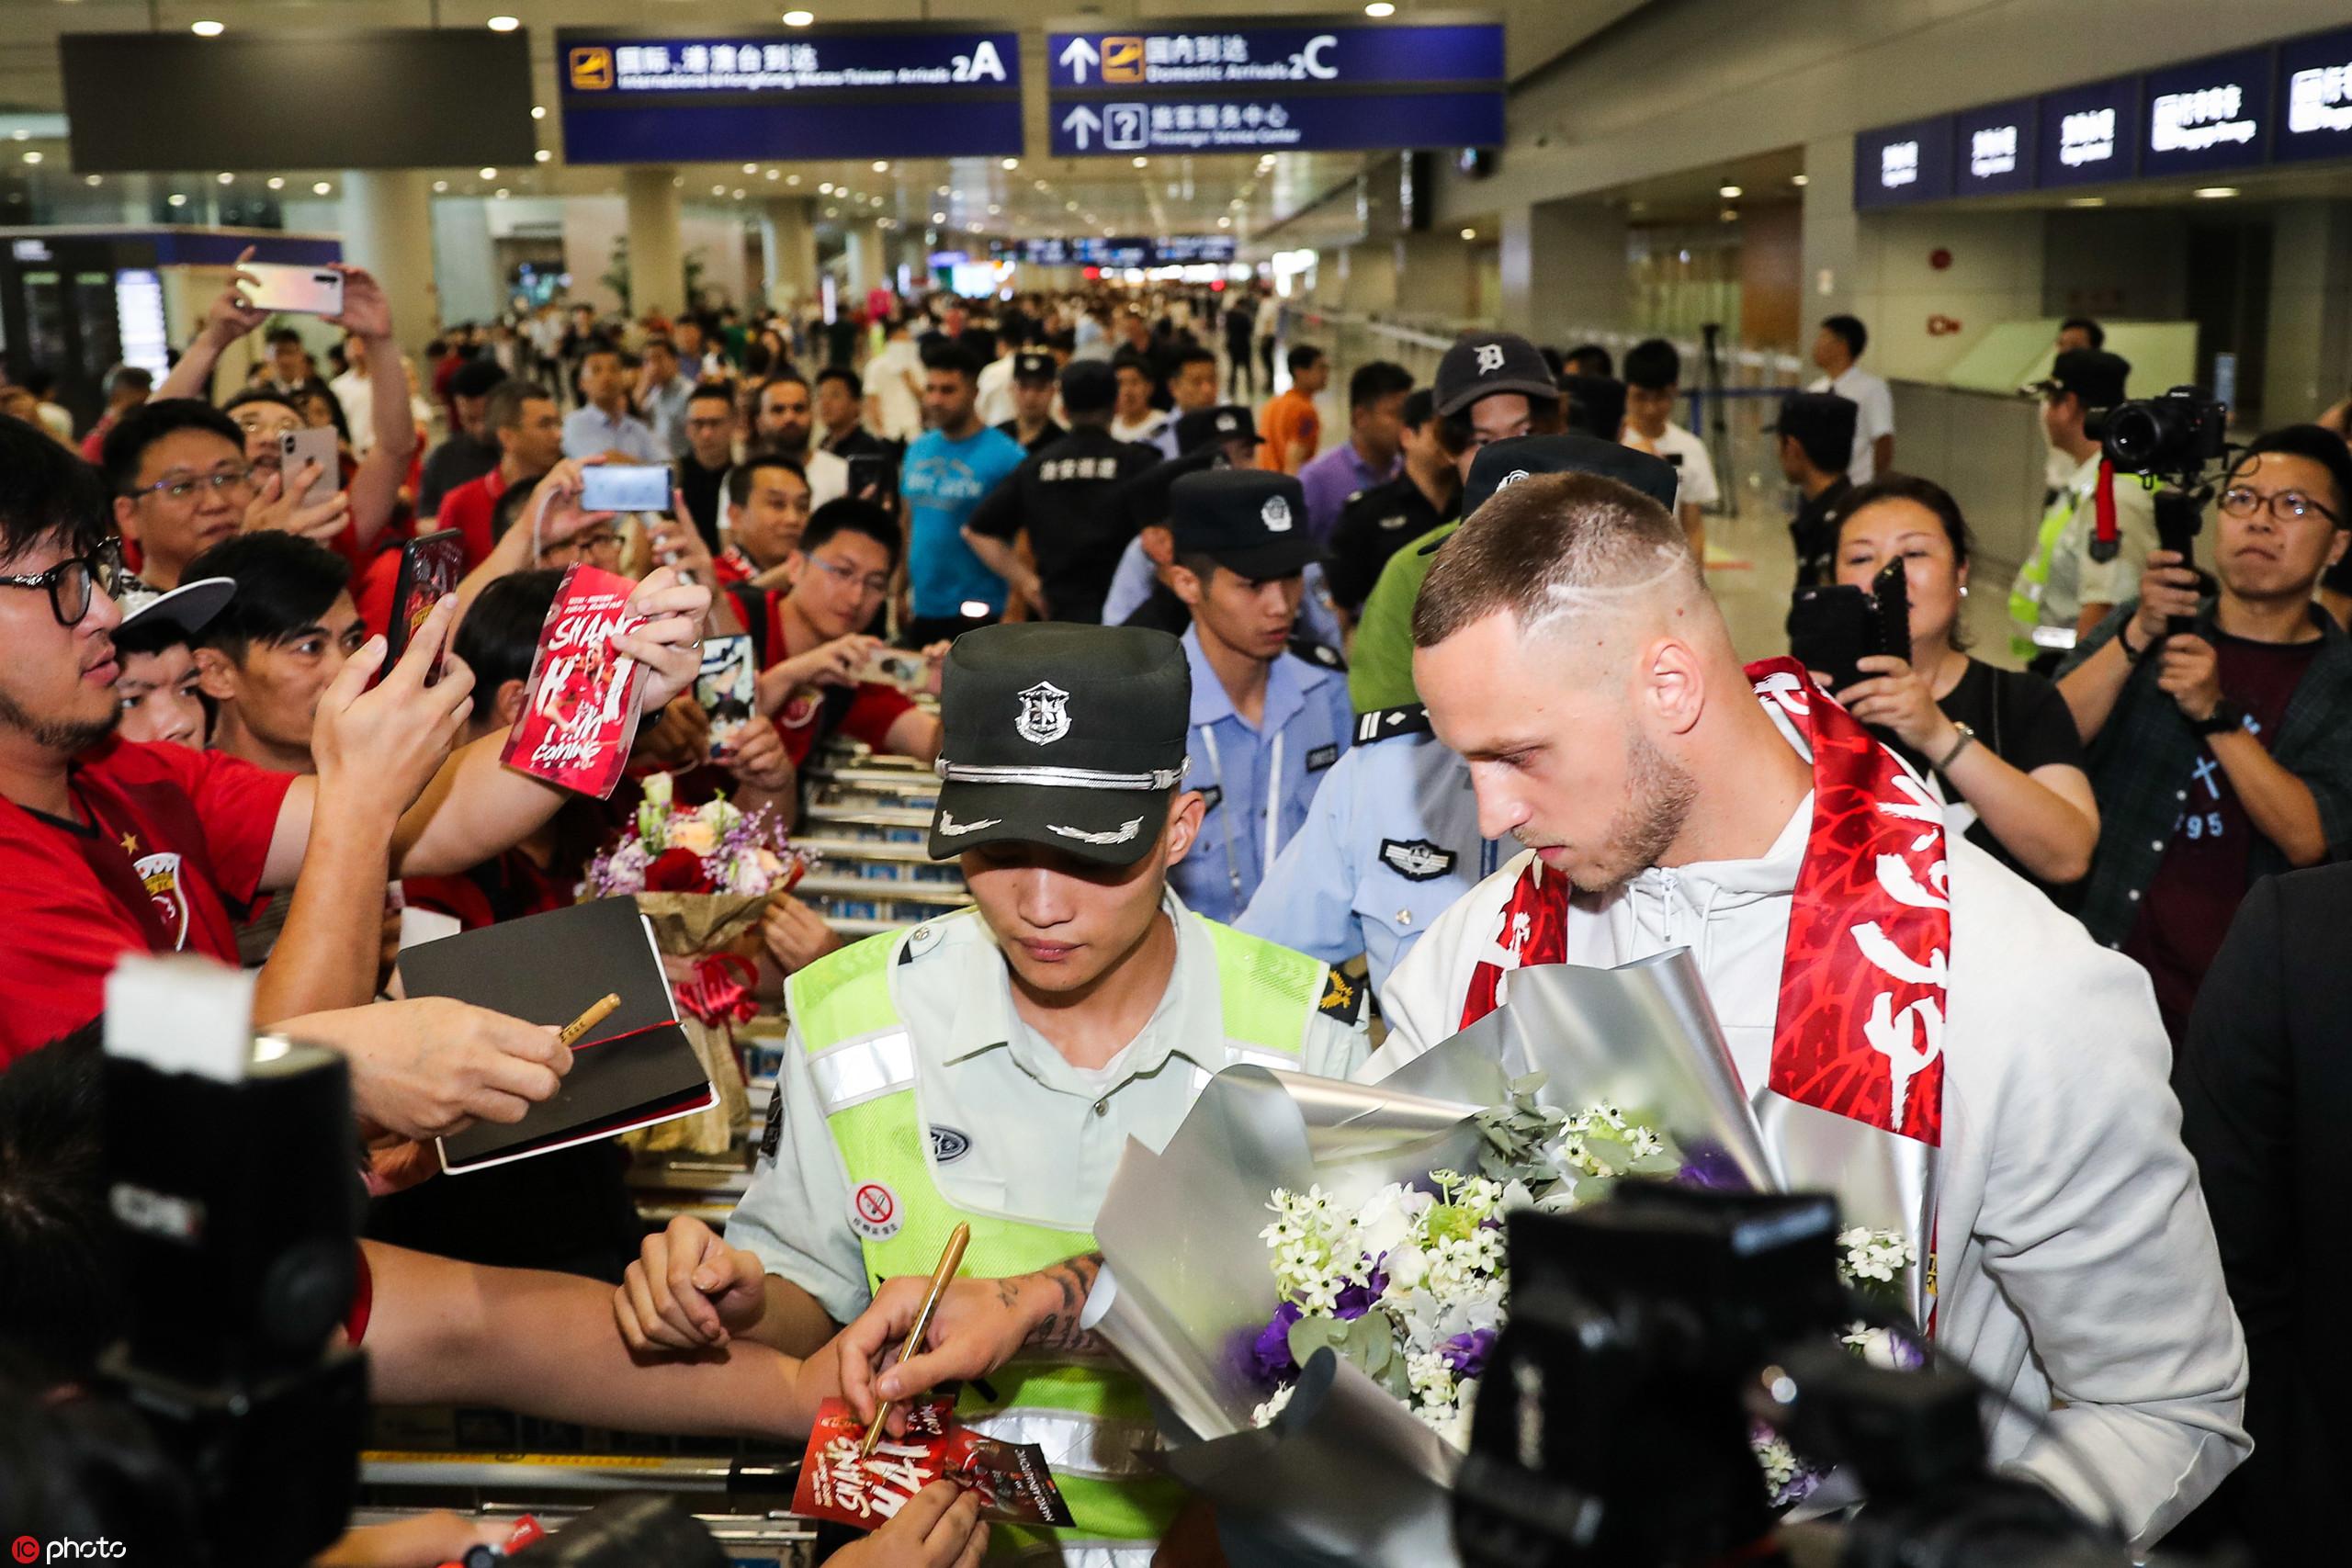 多图流:阿瑙托维奇抵达上海,笑容满面为球迷签名